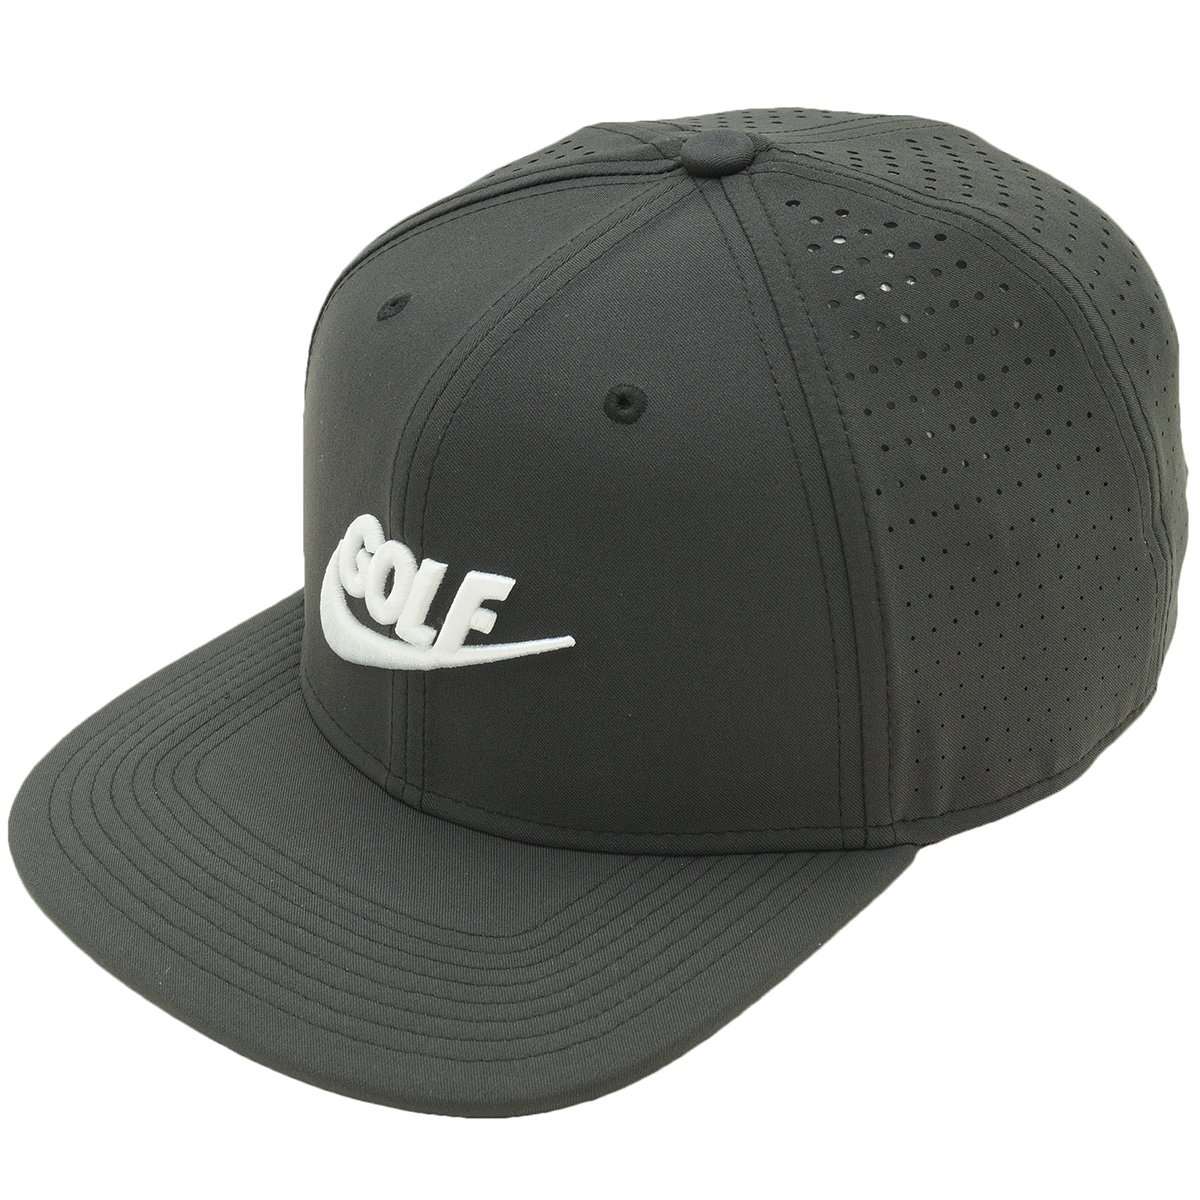 Amazon.com  NIKE Men s Flex Fit Golf Hat  Sports   Outdoors 509373d05c0